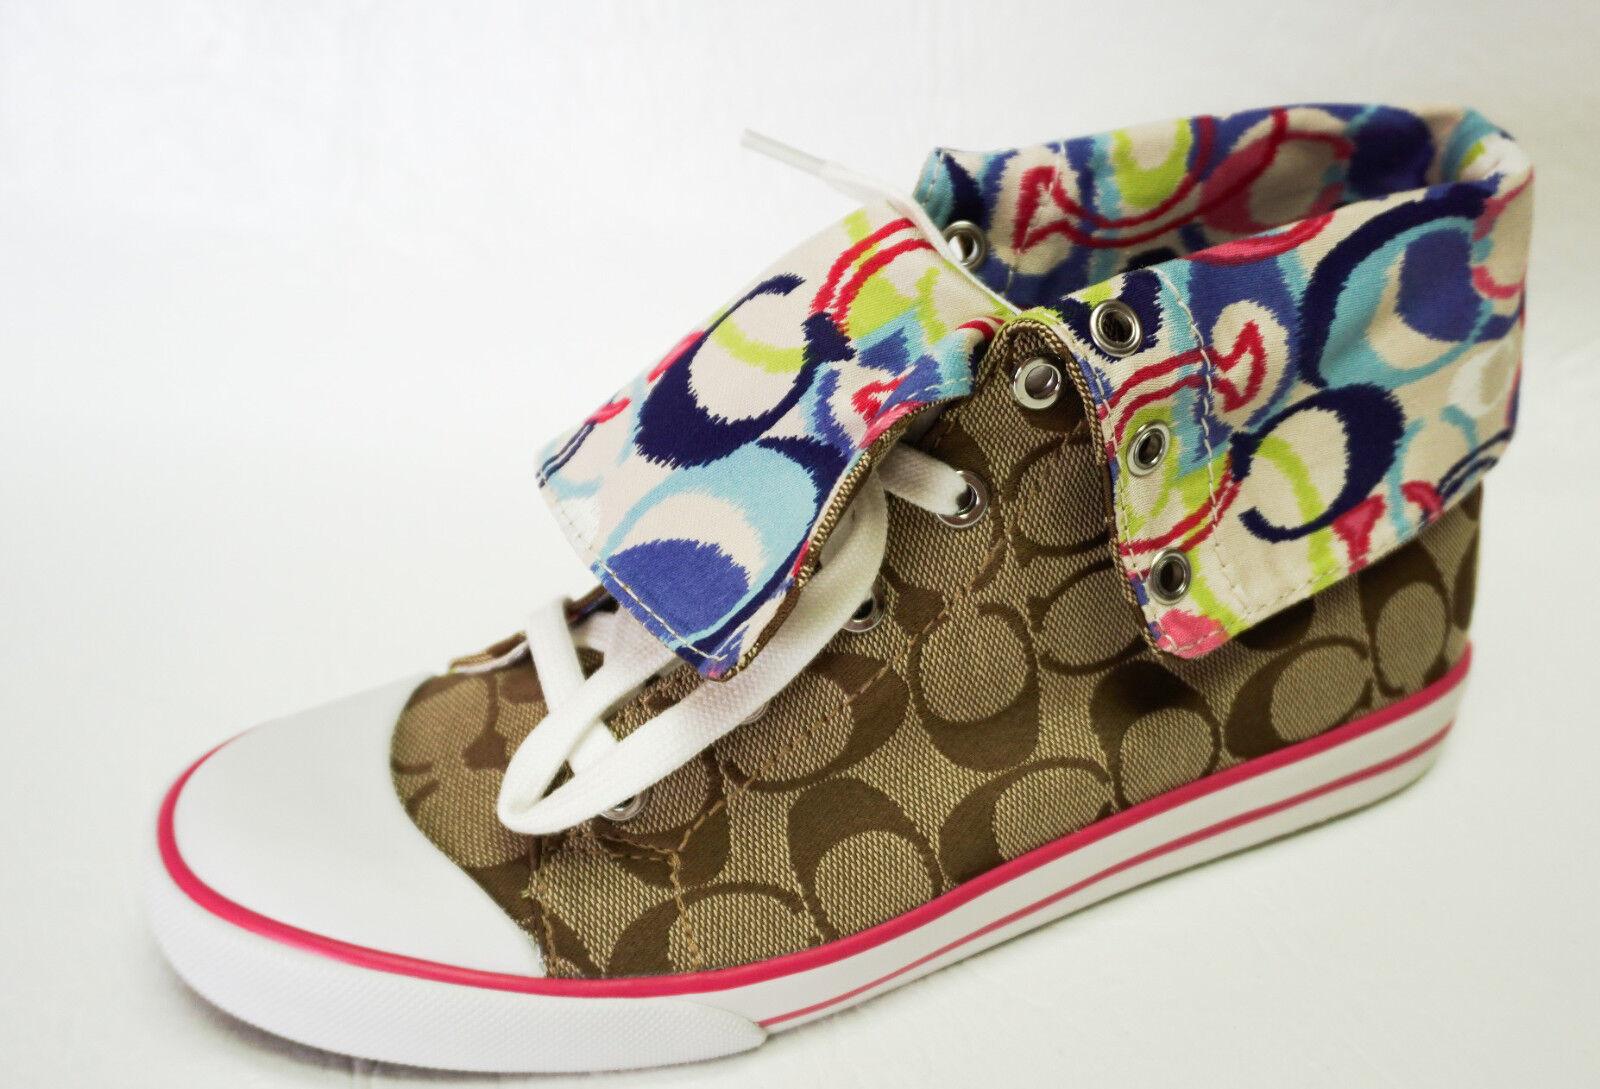 9fae18b61 Entrenador A1885 Bonney amapola Ikat Multicolor Hi-Top Tenis Zapatos  Zapatos Zapatos 8 Nuevo Caja dd0608